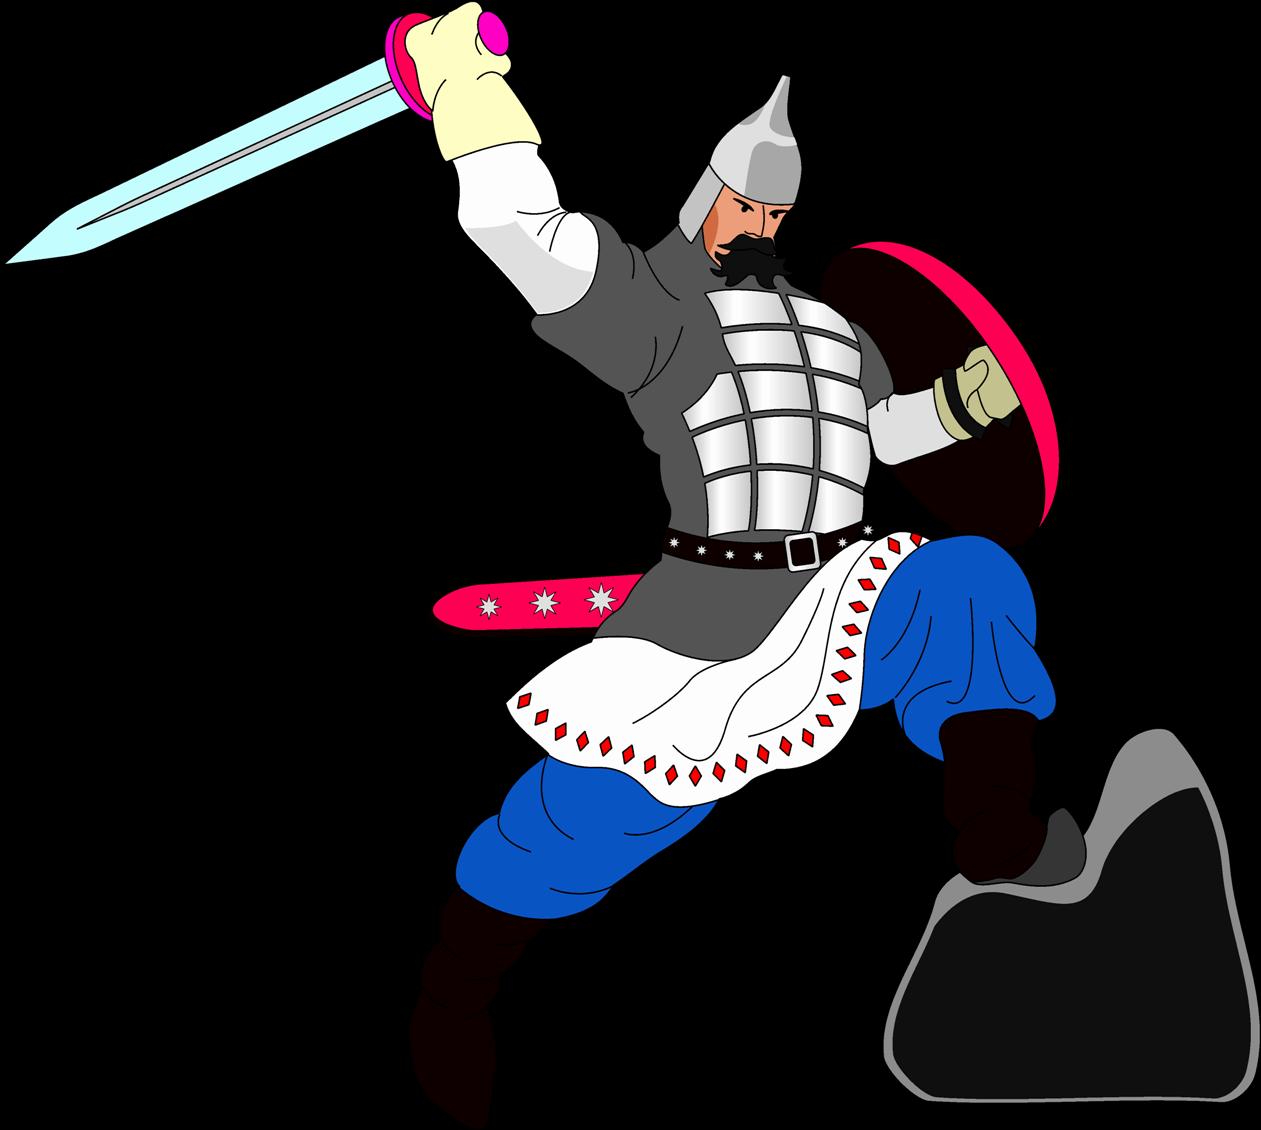 герои русских сказок 17